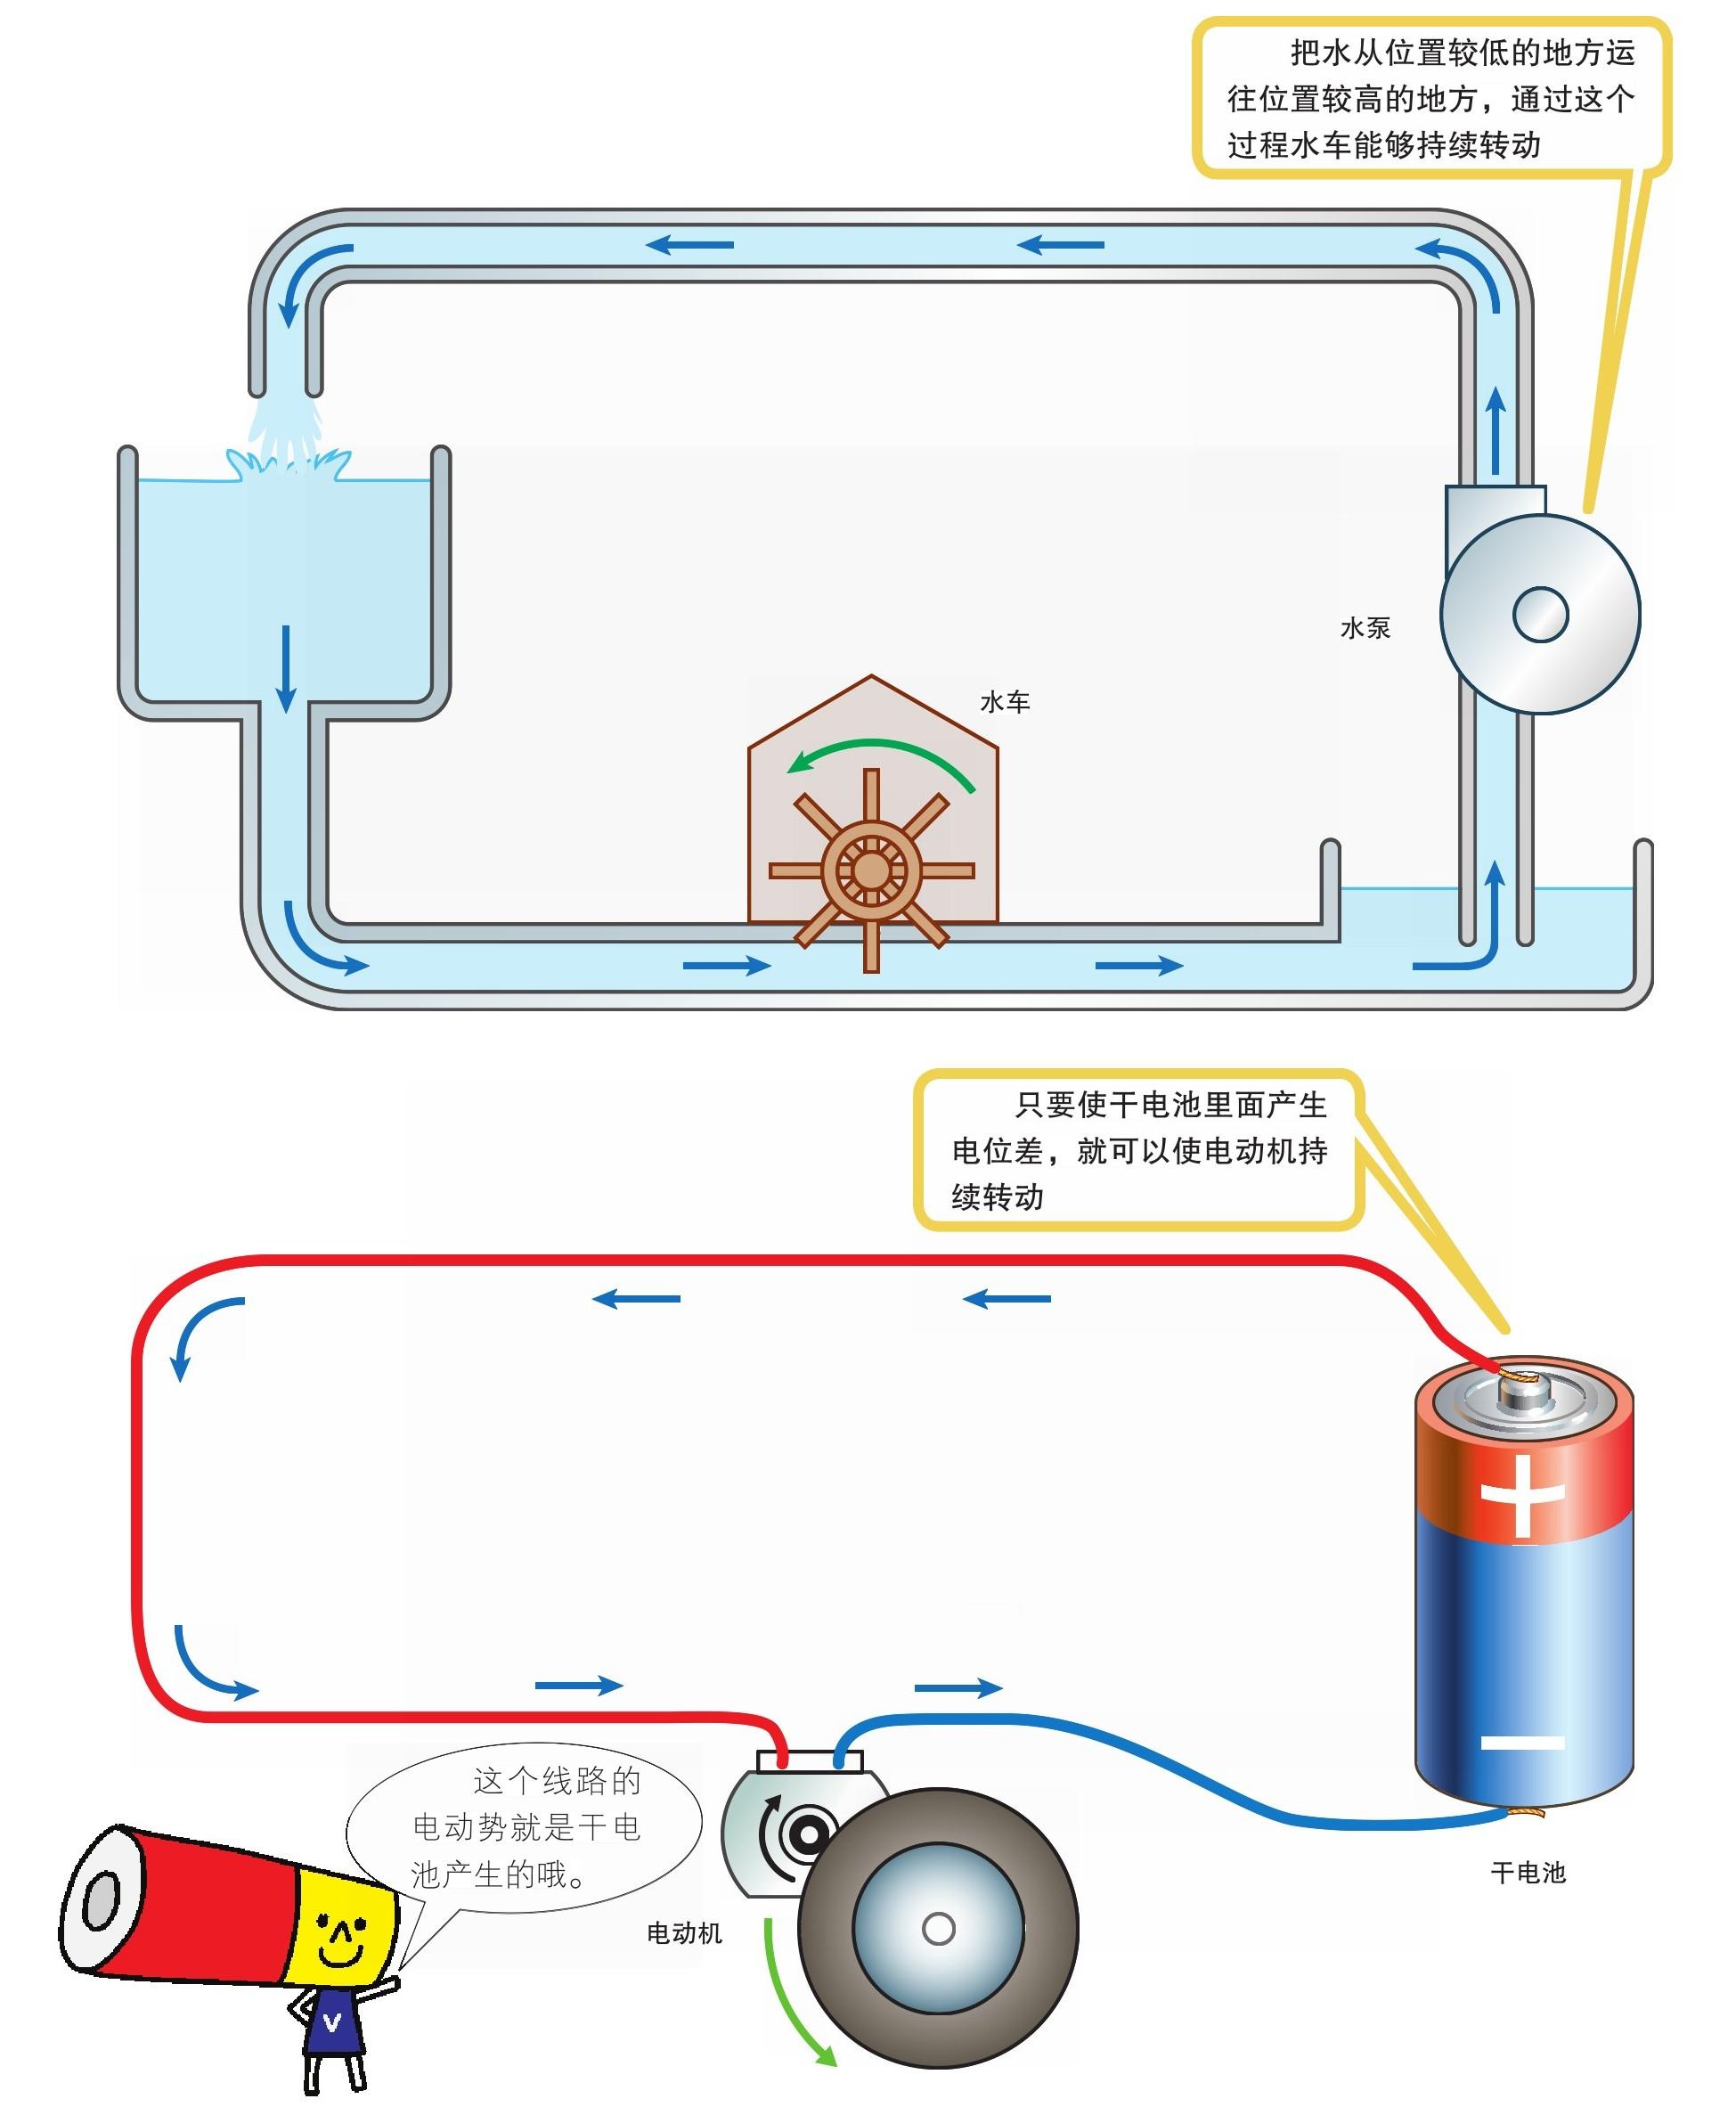 图解电学知识_水流和电流-掌阅小说网